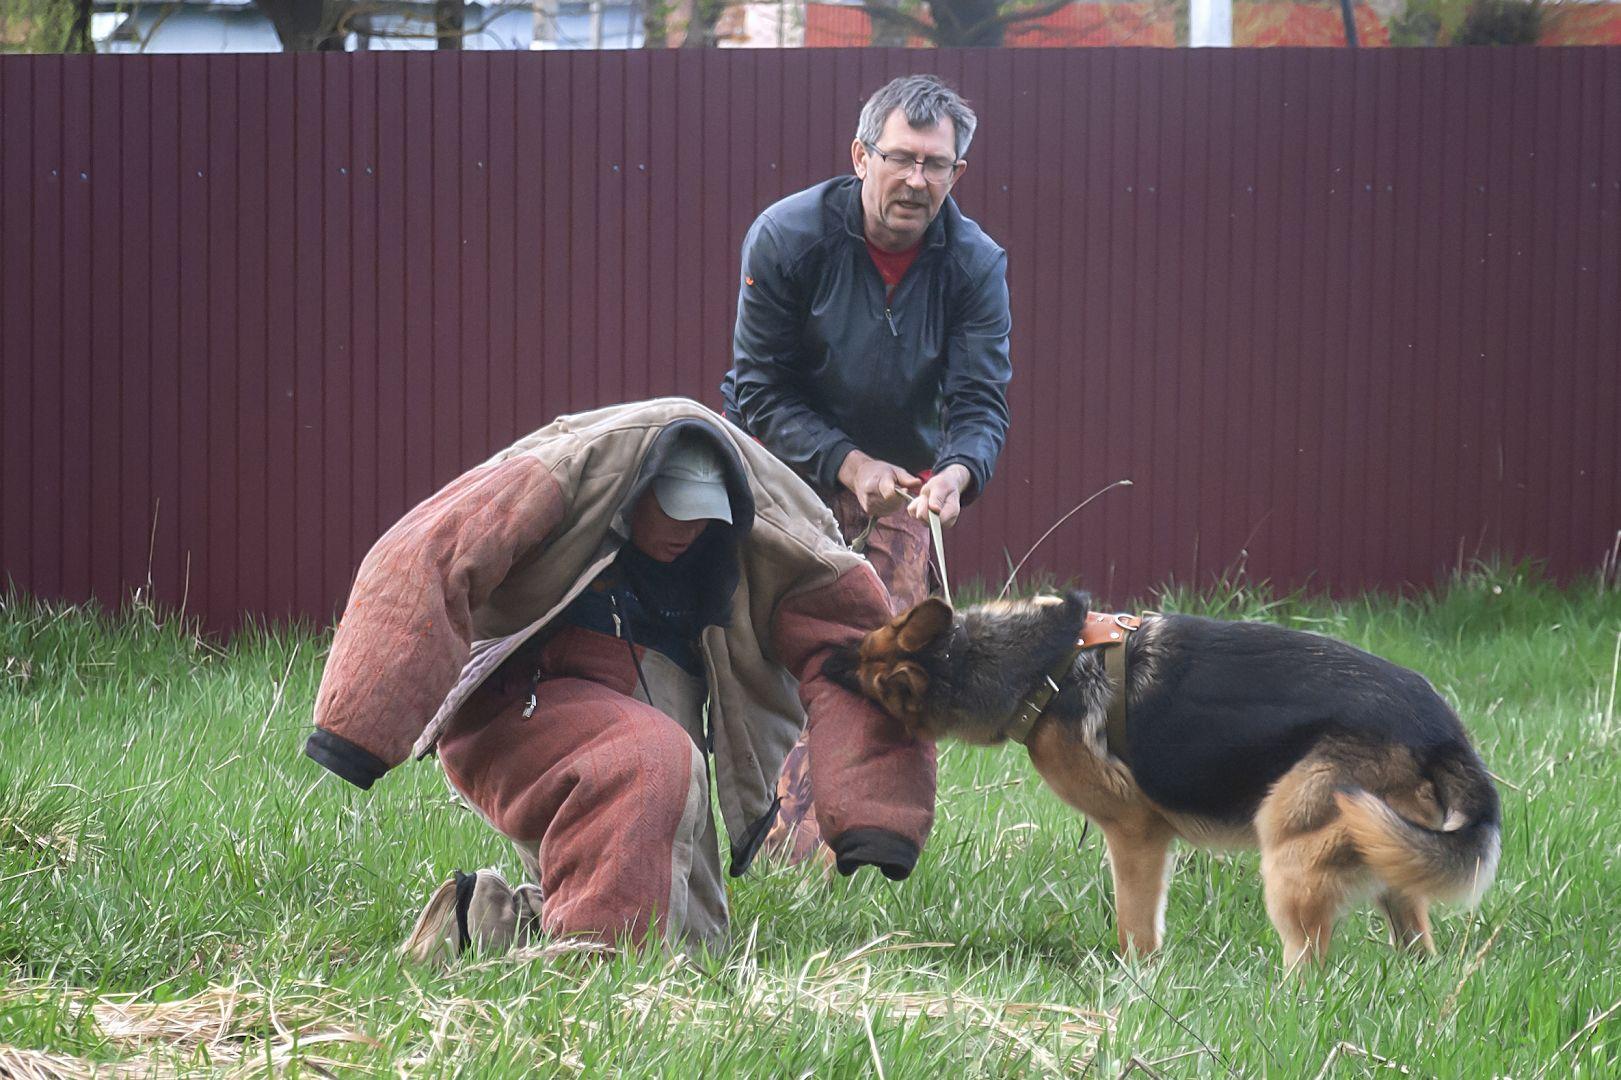 ЗКС (Защитно-караульная служба). зкс nikon d3000 собаки фигурант